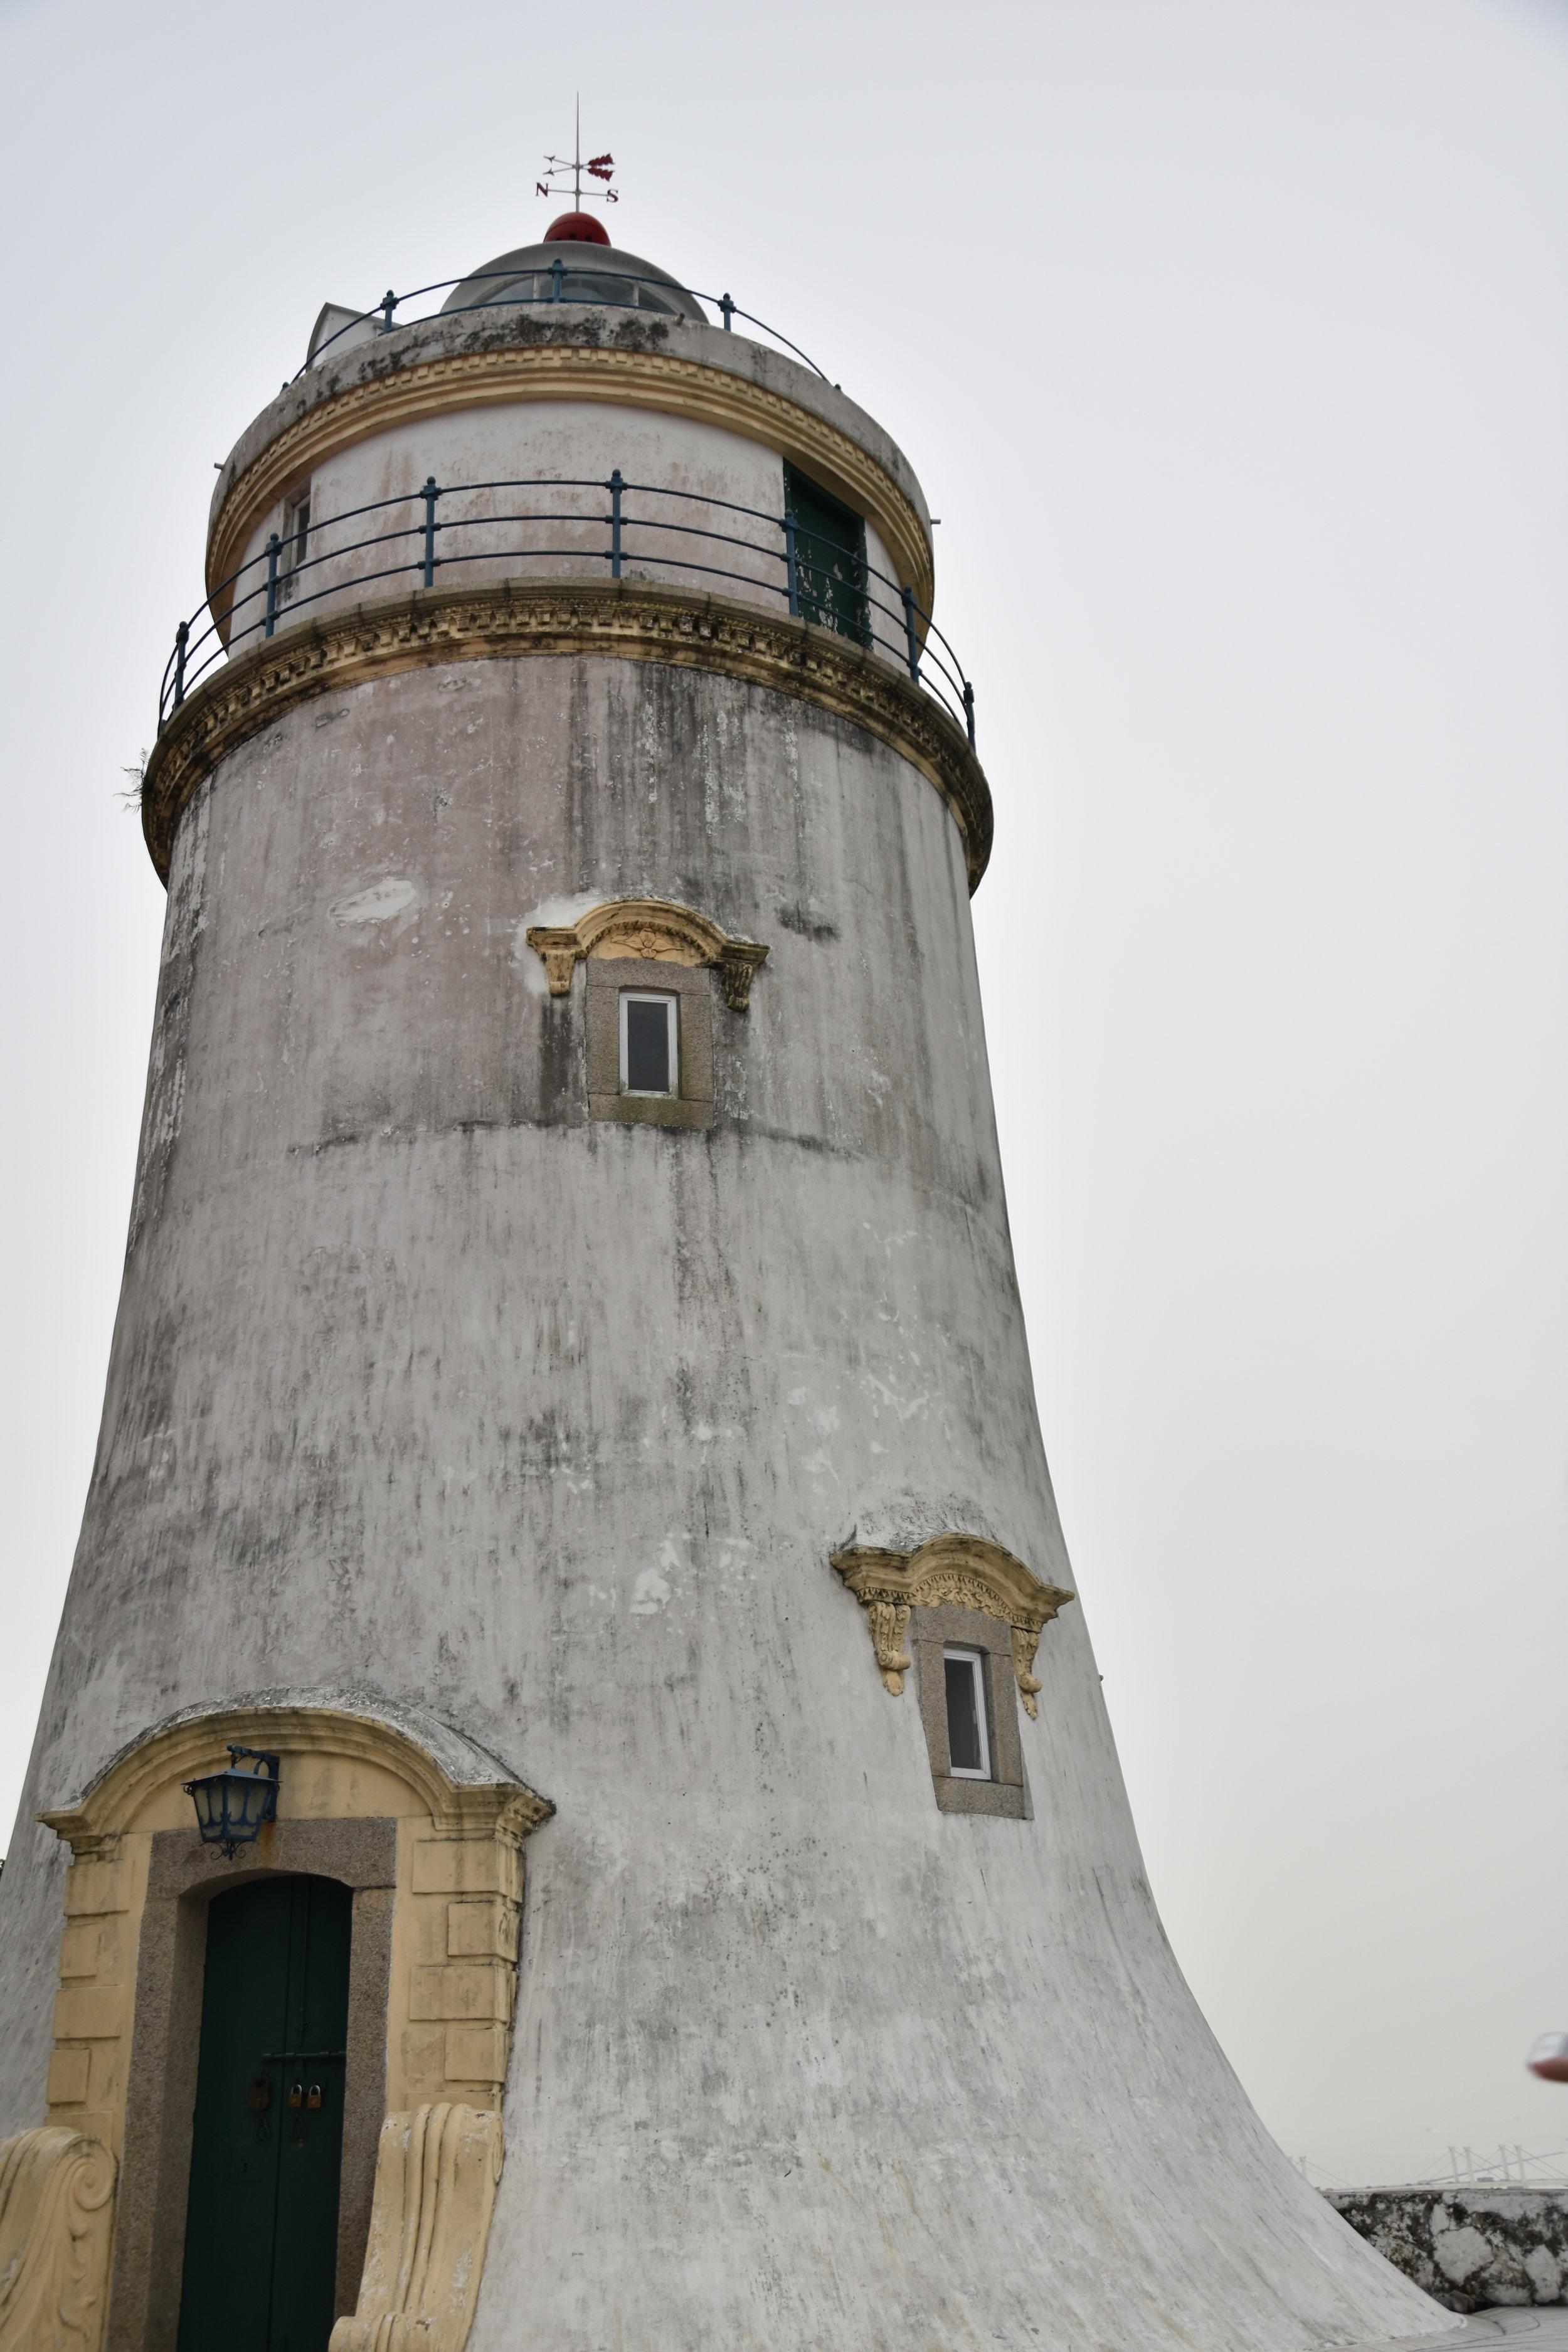 Guia Lighthouse towers over Macau